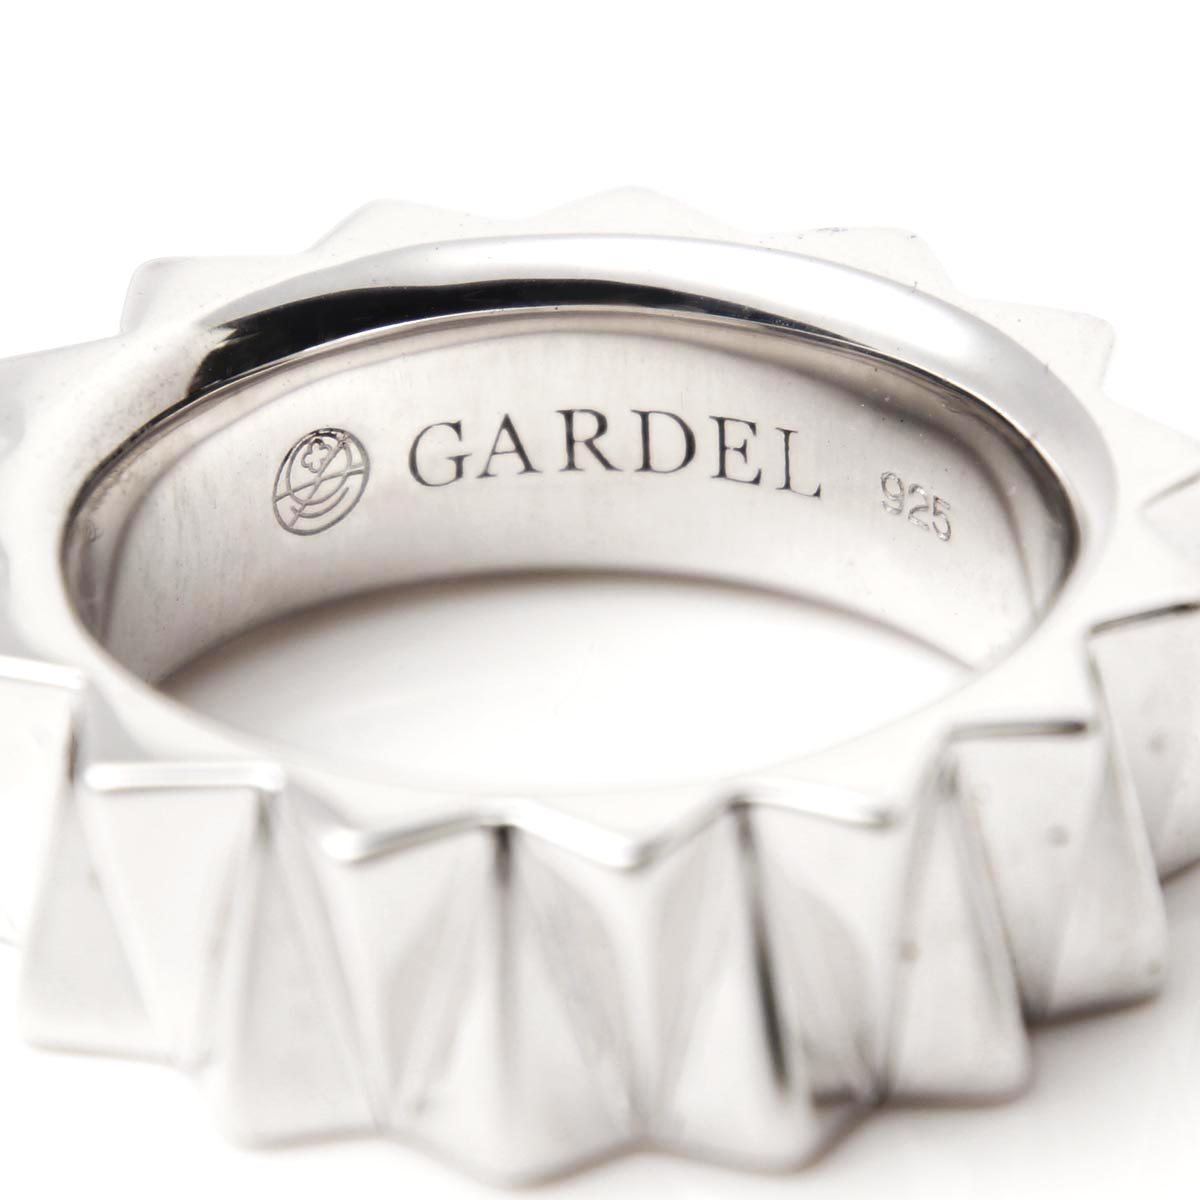 19サイズ ガーデル GARDEL リング 指輪 シルバー メンズ アクセサリー ジュエリー ギフト プレゼント 返品交換不可ラッピング無料190116nvmN8wOy0P